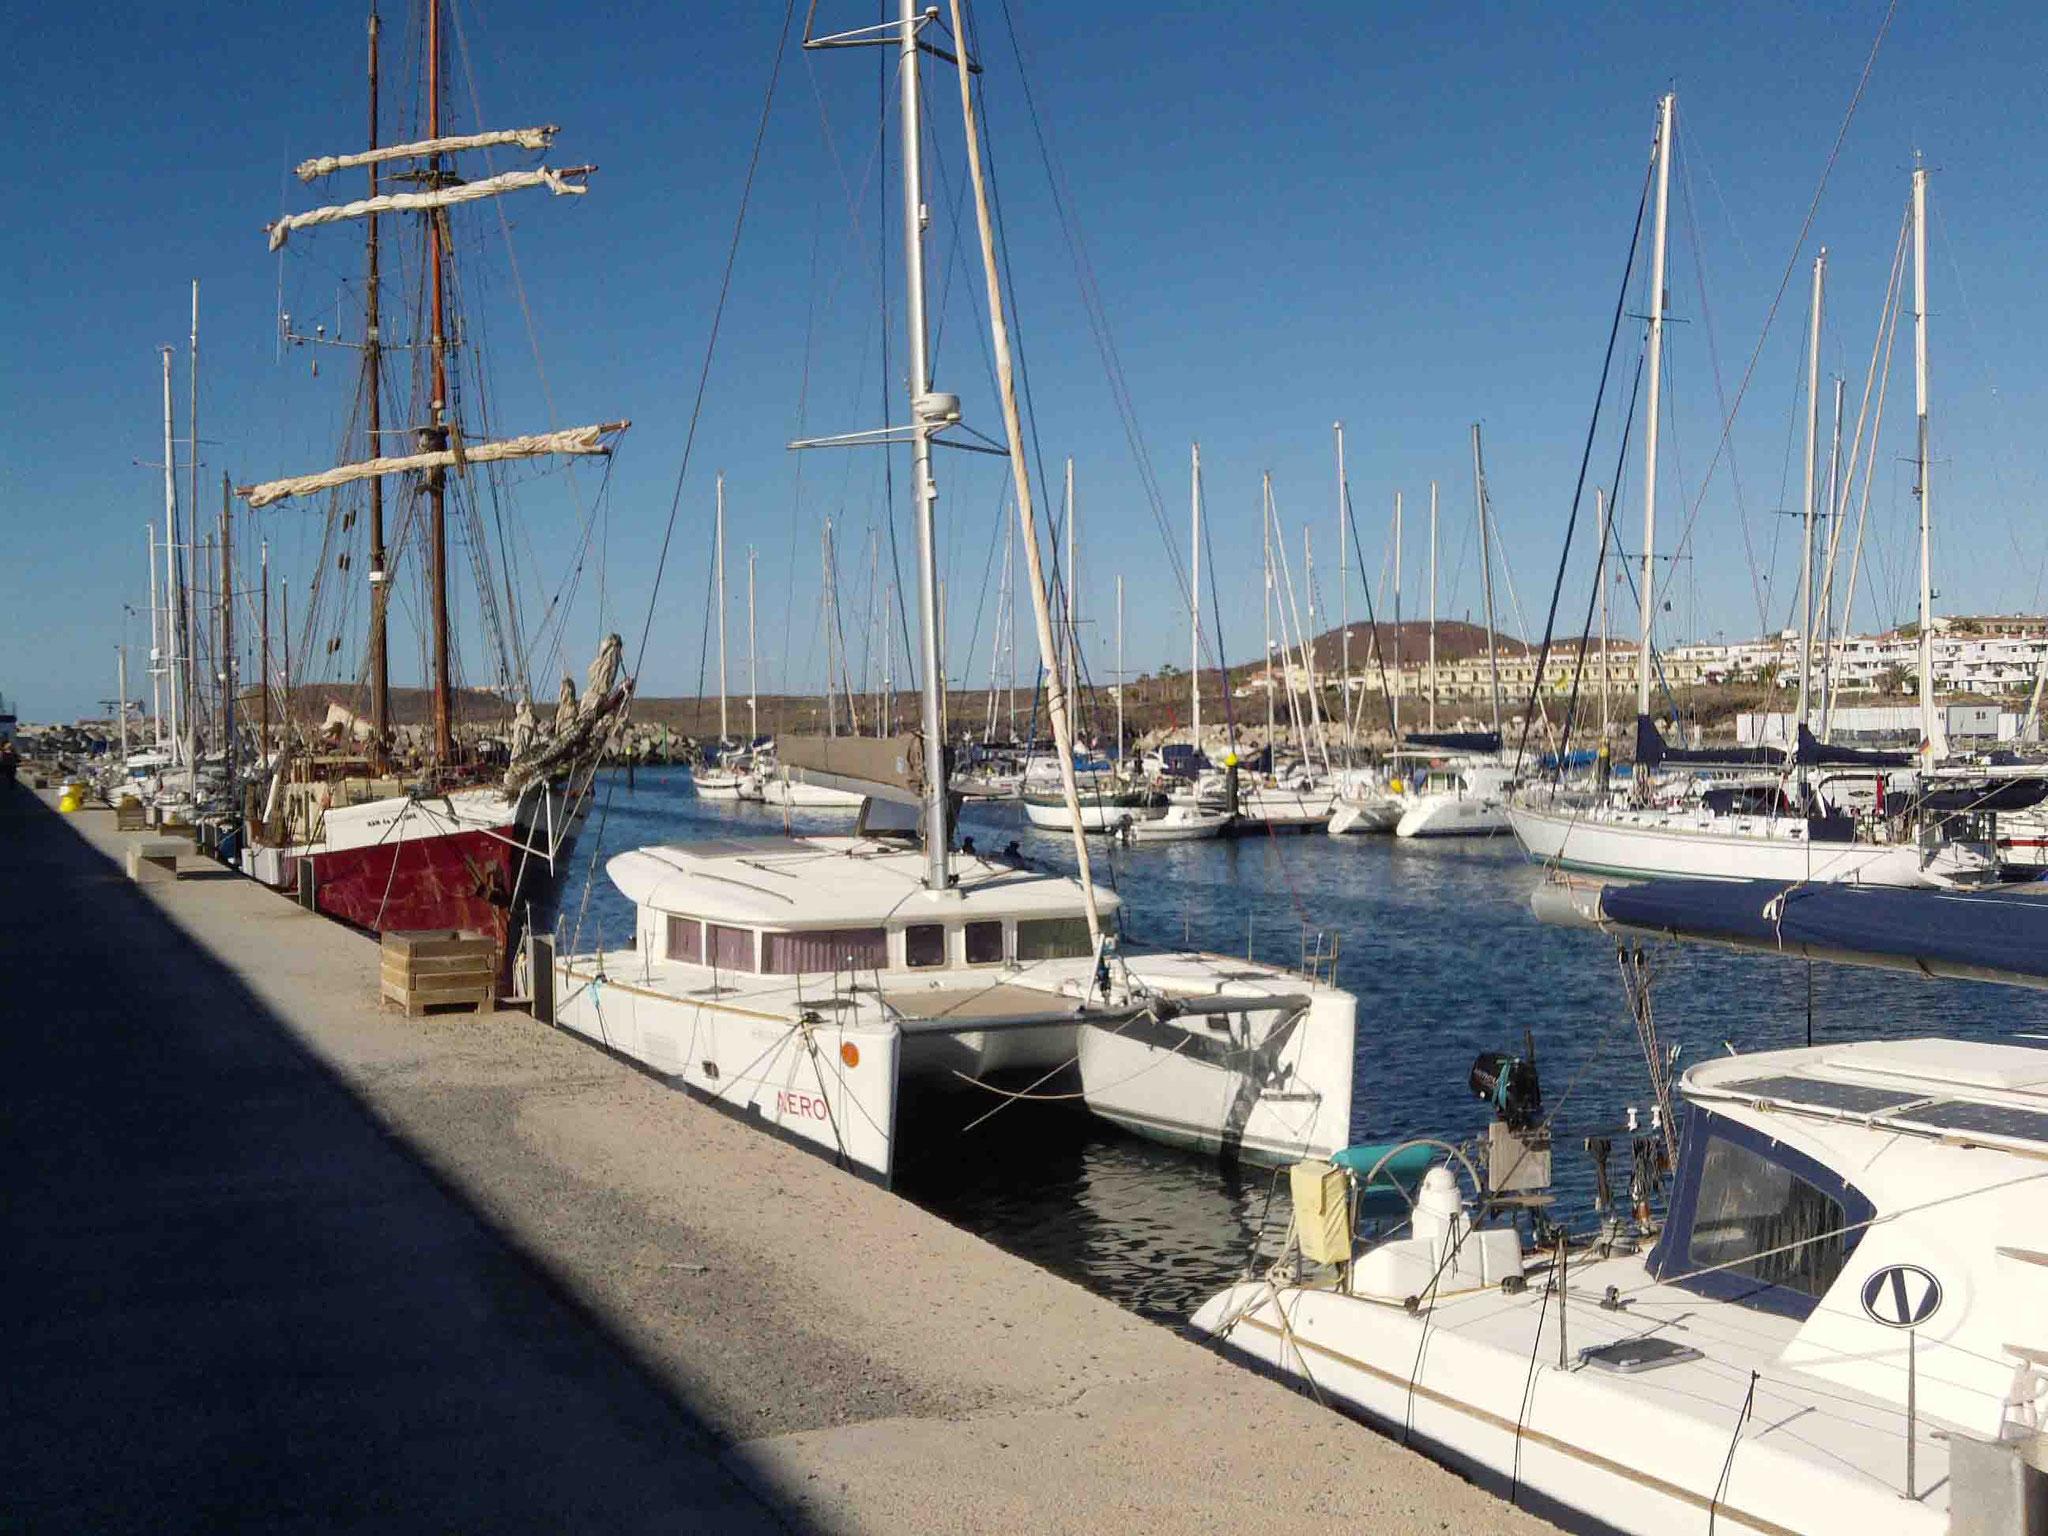 Anlegestelle an der Ausßenmauer von Marina Saint Miguel - Teneriffa